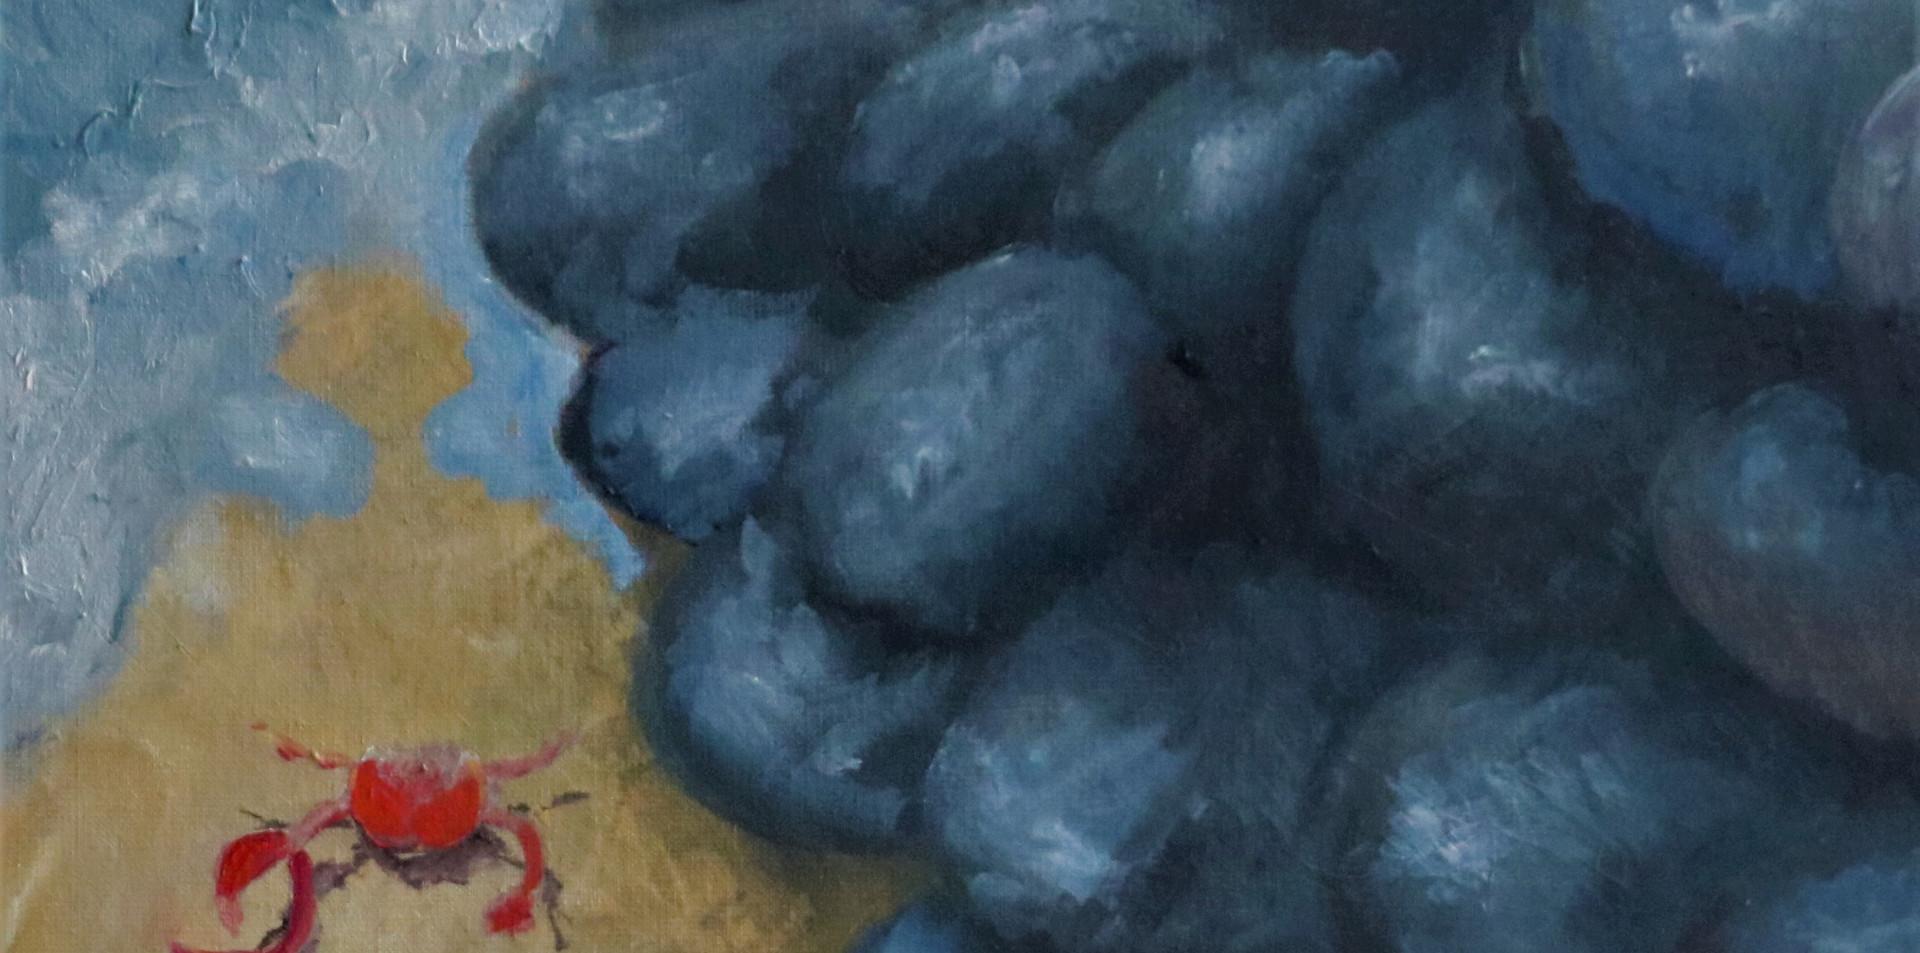 2016 - olie op doek 50 x 50 cm - Krabbeleven